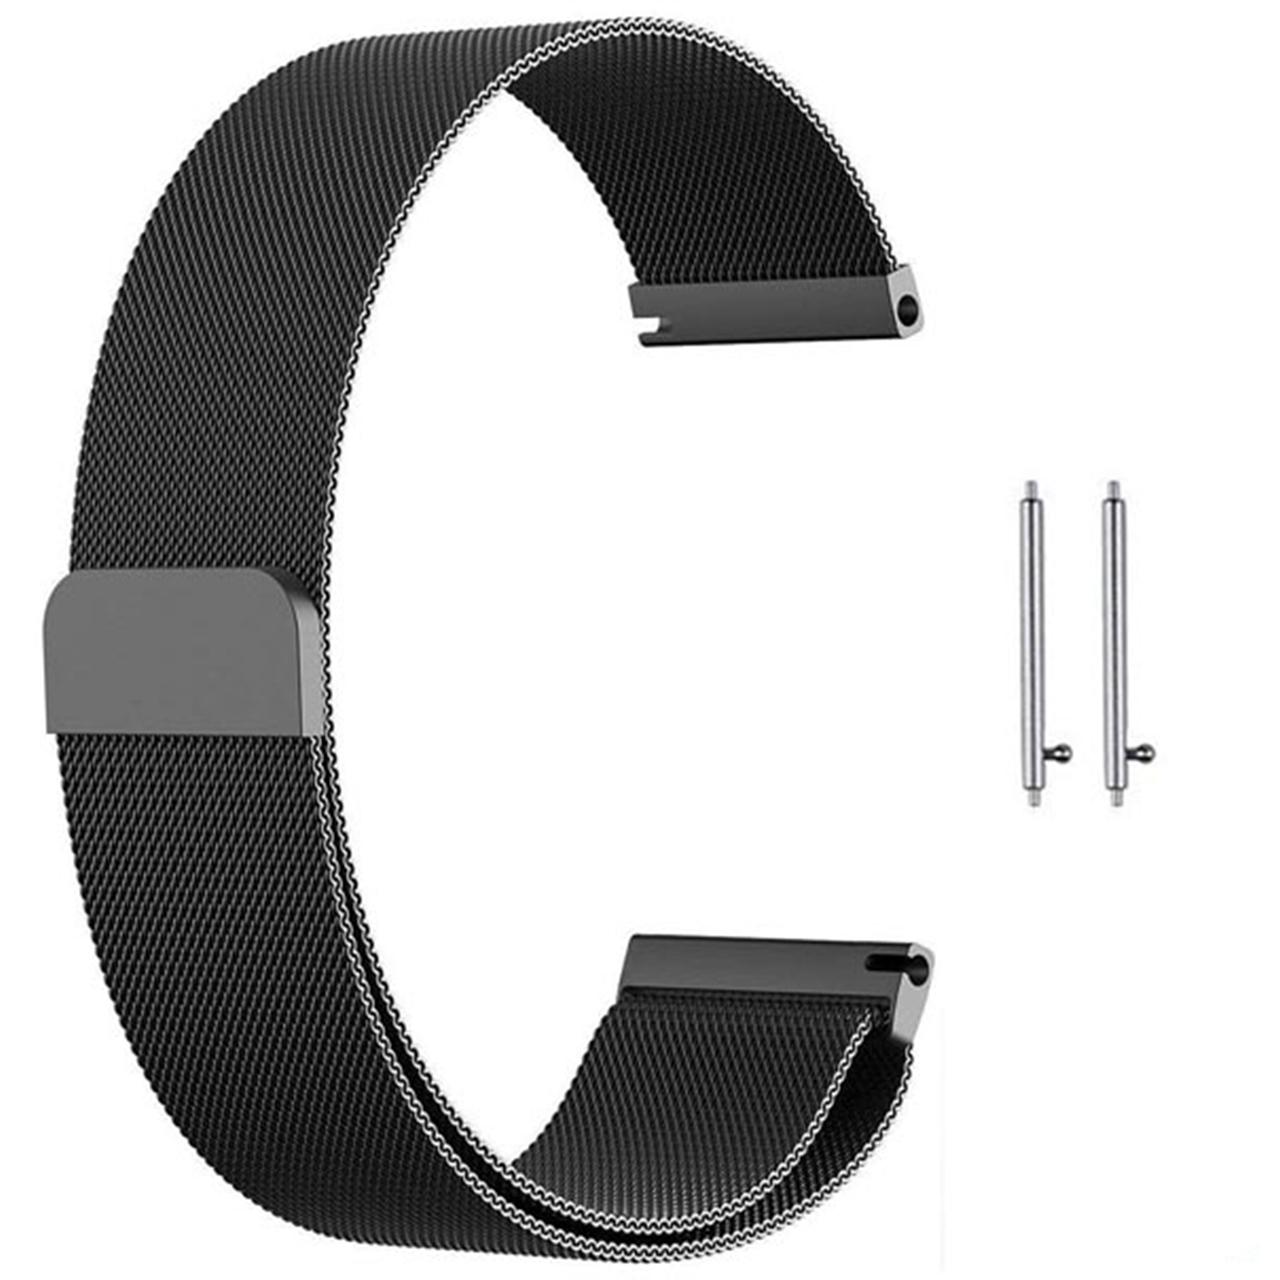 بند مدل Milanese به همراه کیف نگهداری ساعت مناسب برای ساعت ایسوس Zenwatch 2 WI502Q